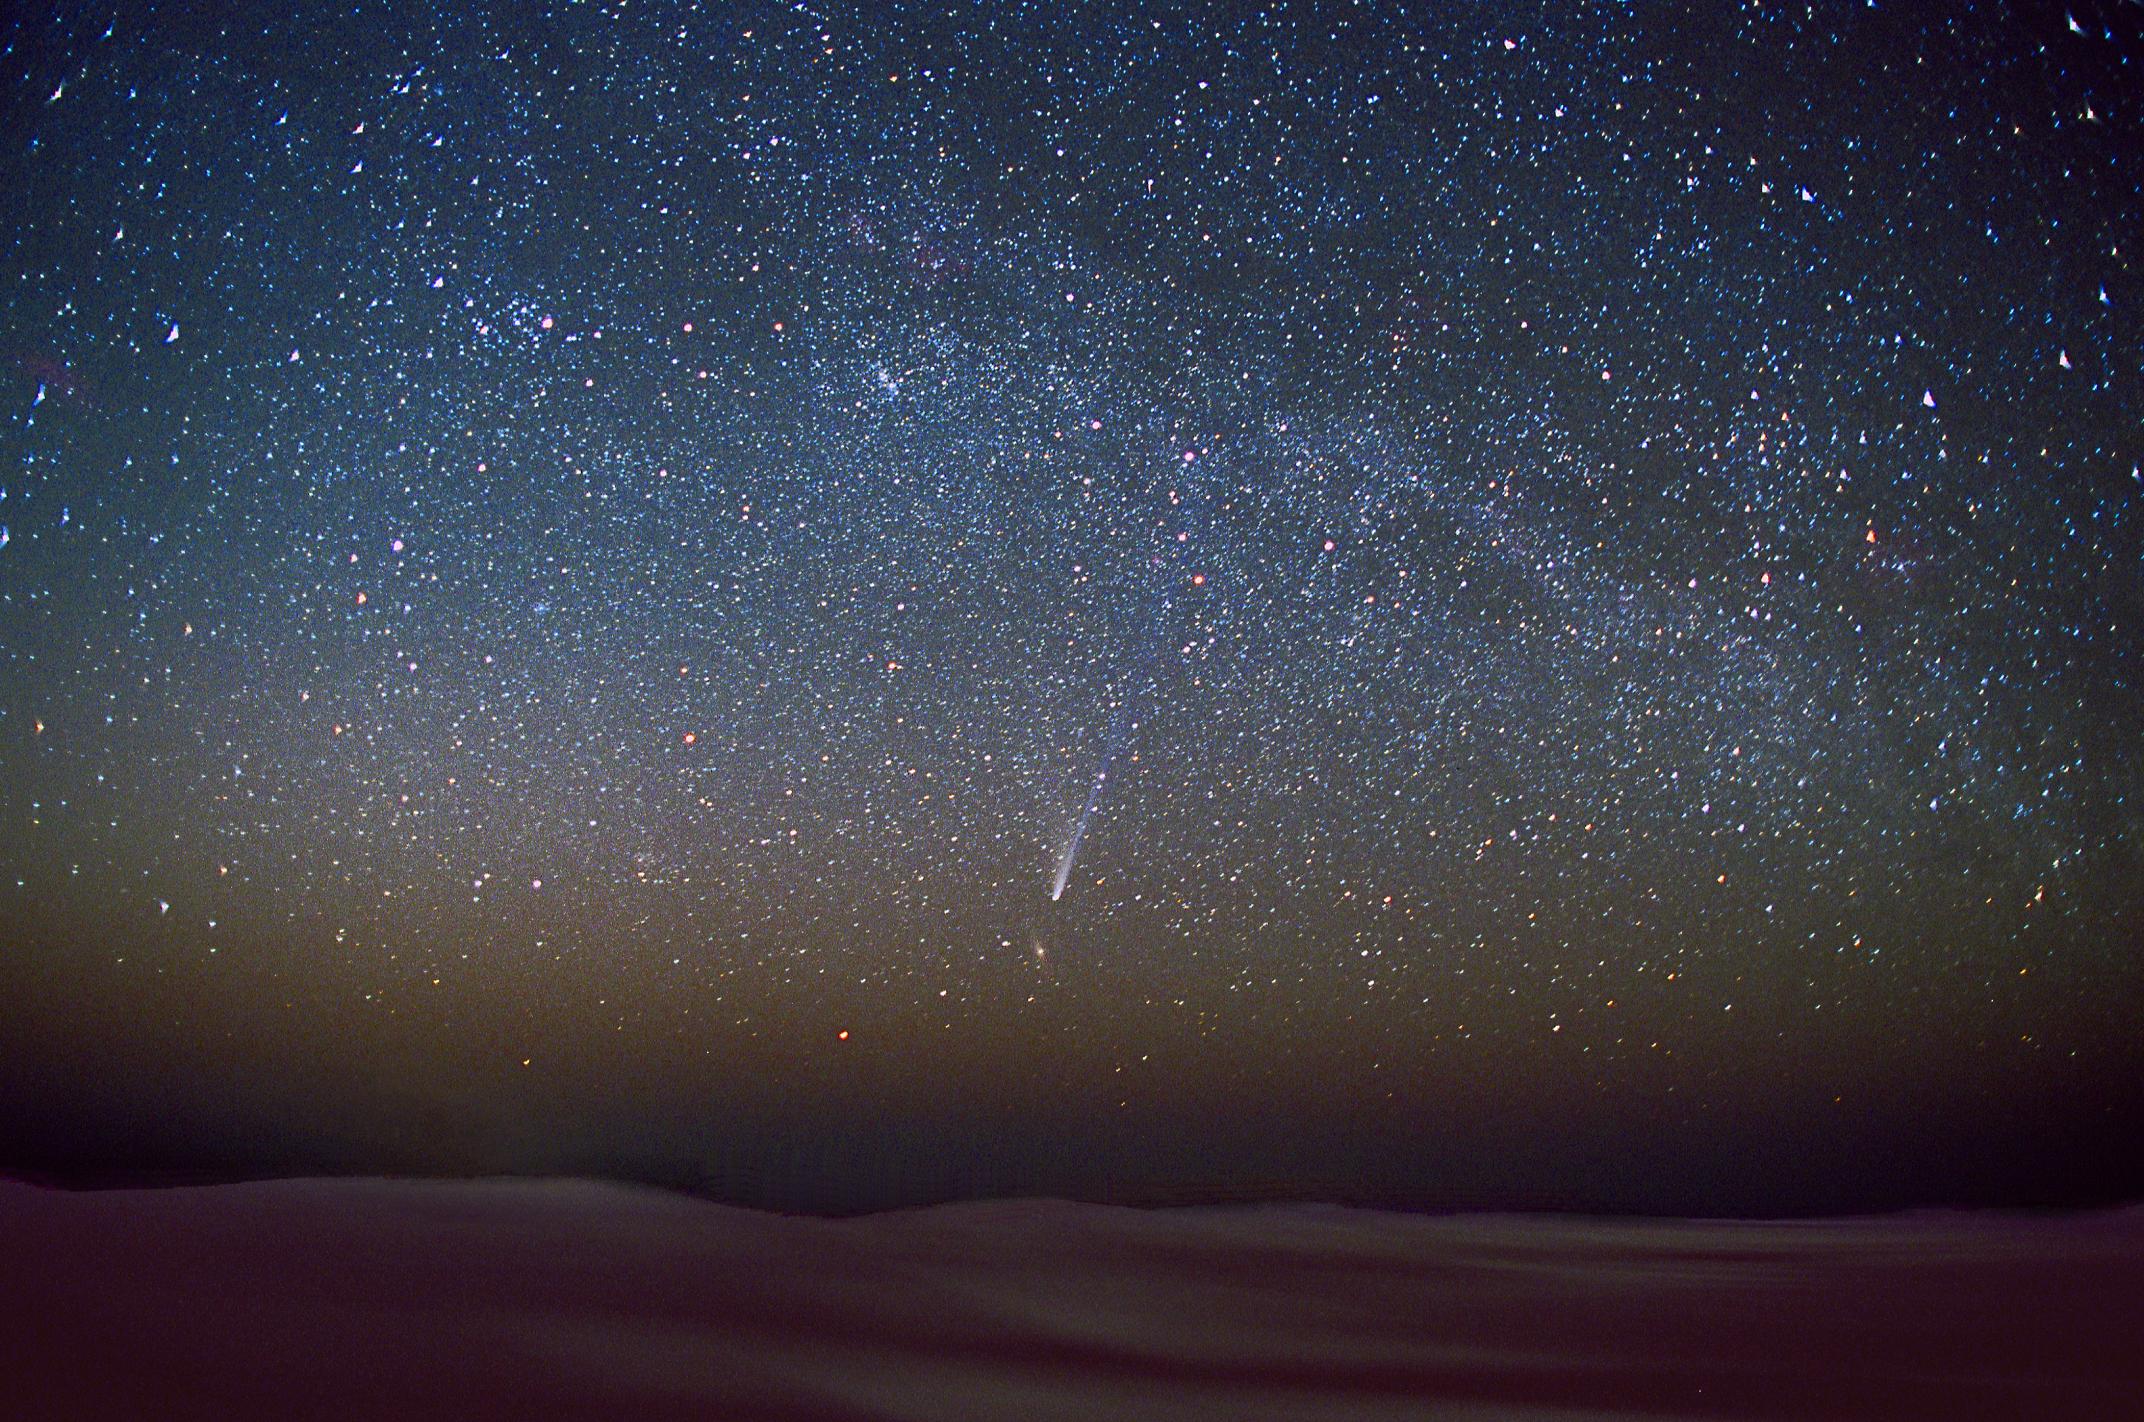 komeet_medium